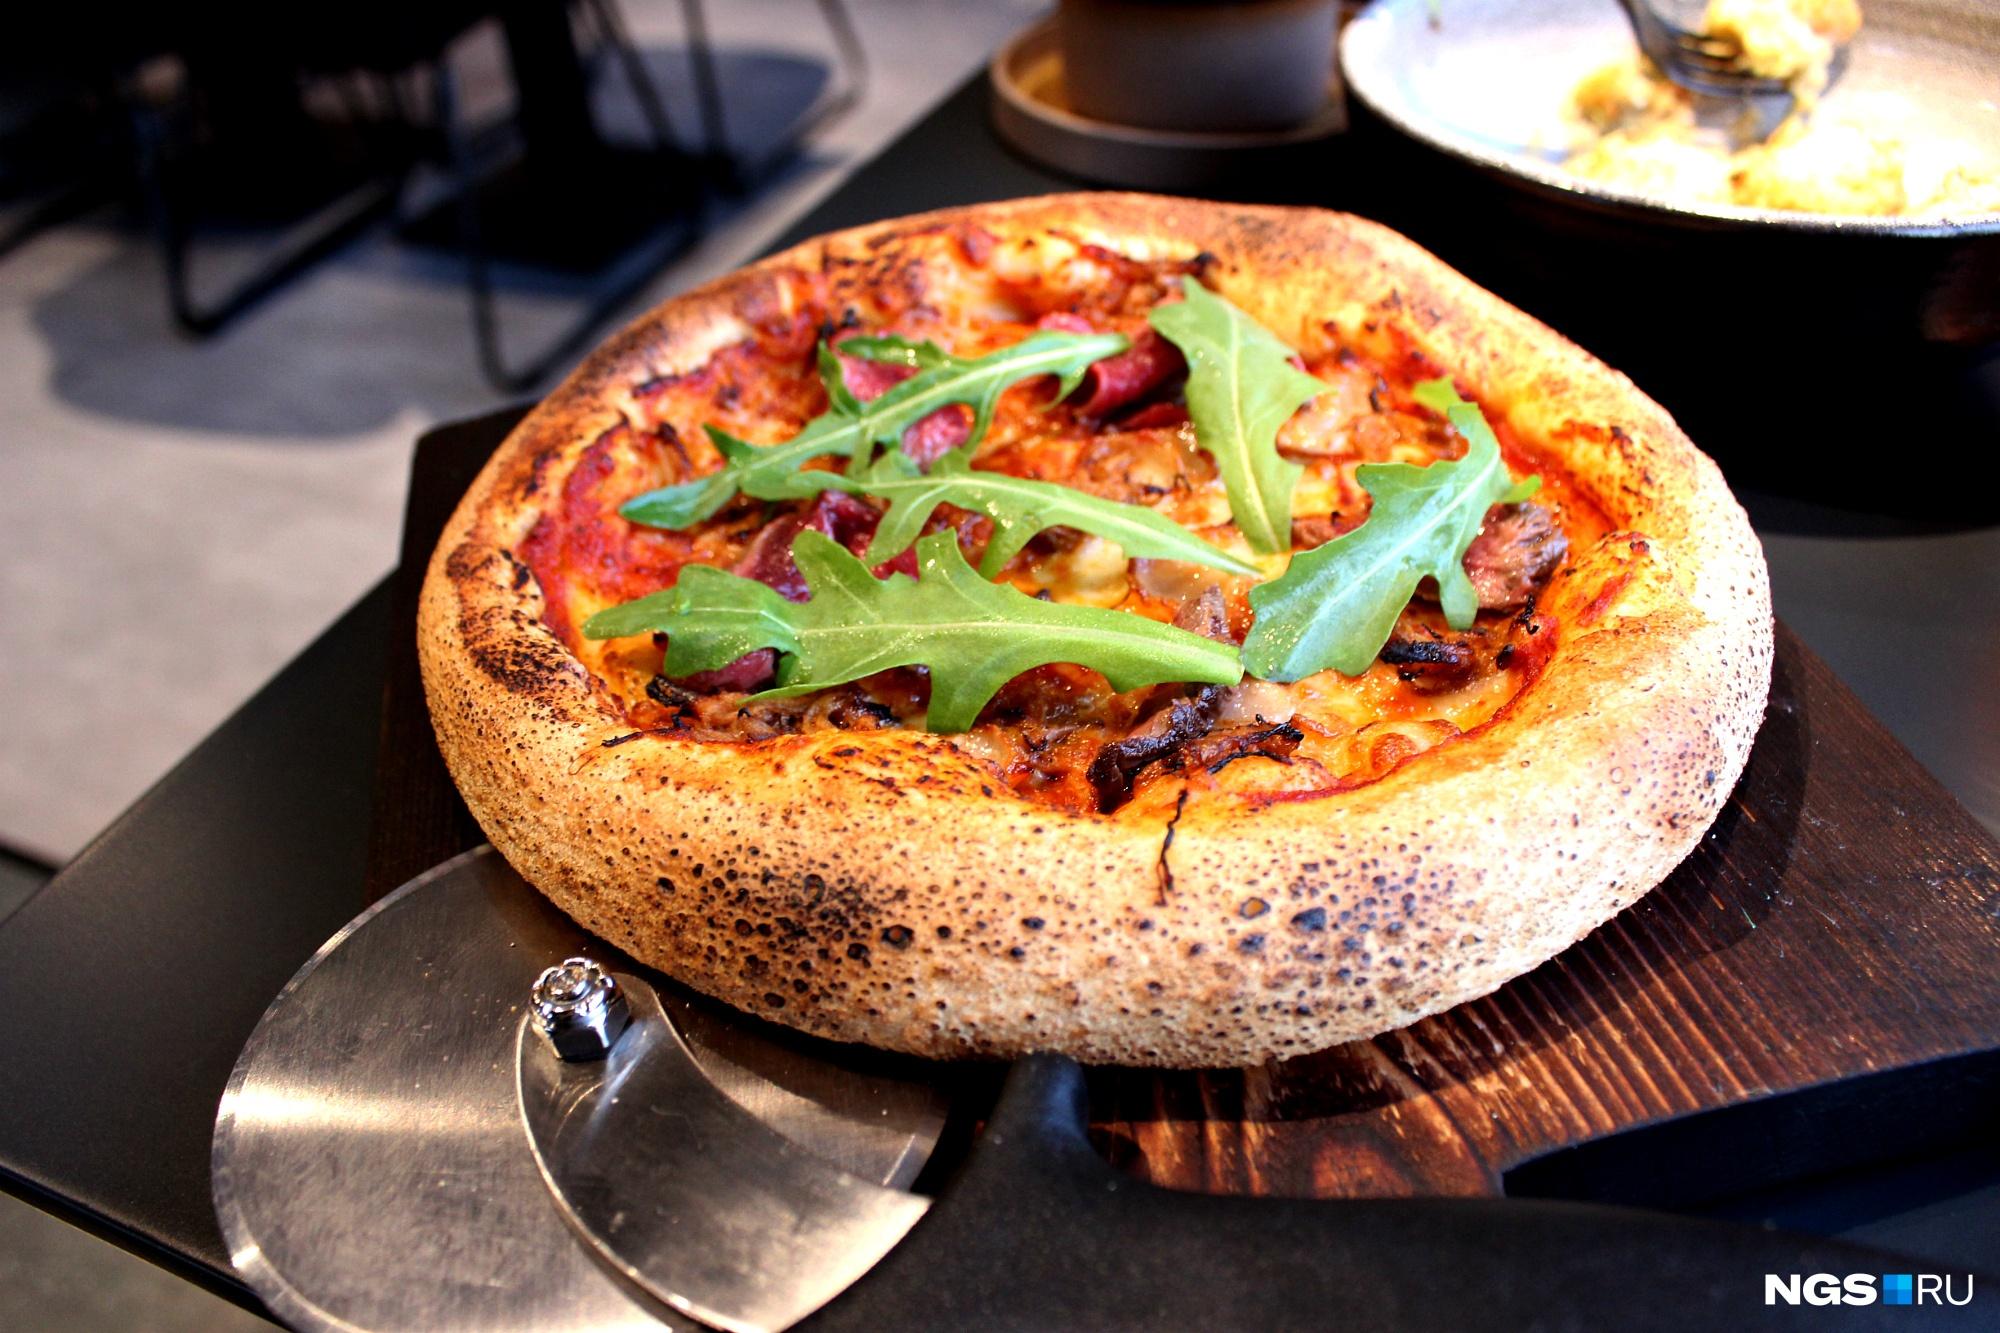 Пиццу приносят вместе с роликовым ножом — резать ее придется самостоятельно